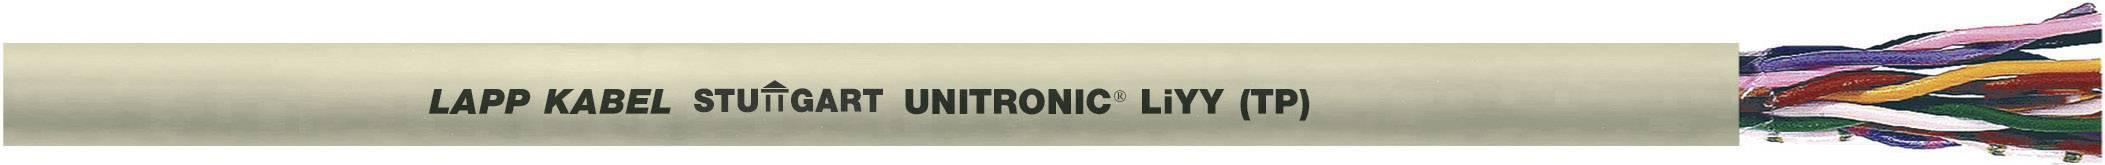 Dátový kábel LappKabel 0035172 UNITRONIC® LiYY (TP), 4 x 2 x 0.50 mm², sivá, metrový tovar